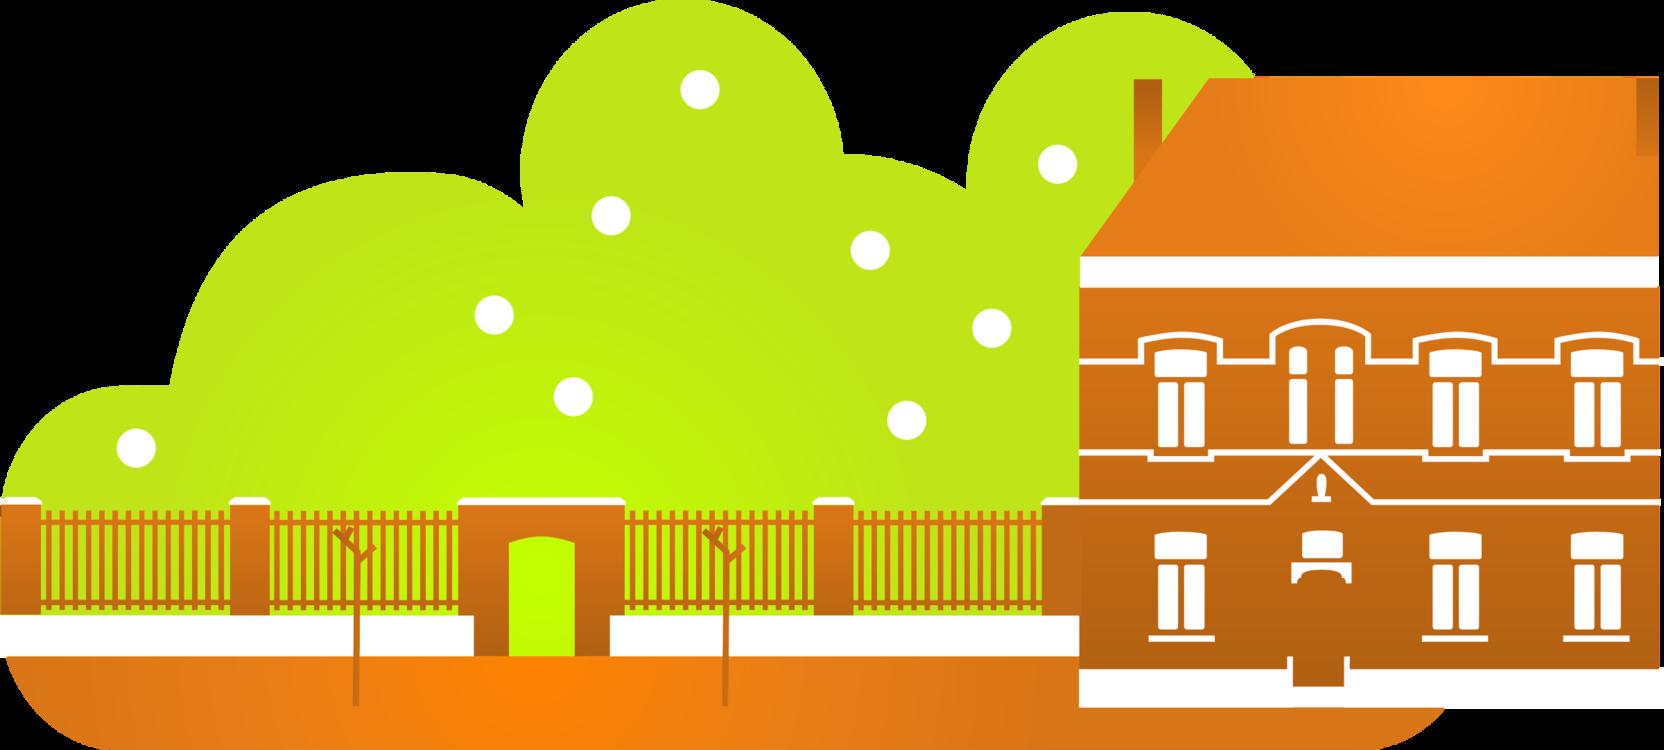 Grass,Area,Logo